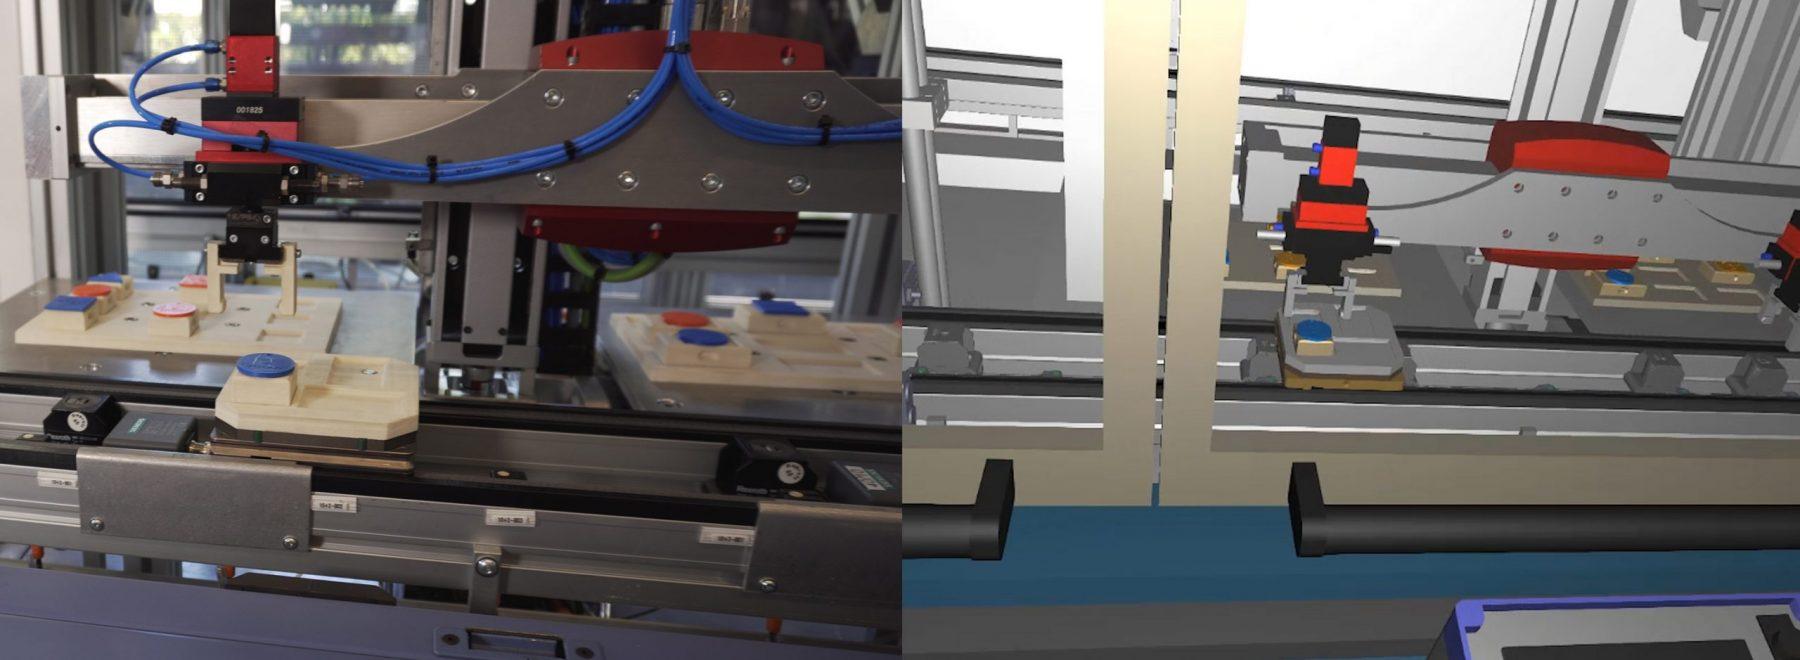 Das Bild zeigt die Nachbildung einer Fertiungsanlage in einem Computerprogramm. Dies ist Teil des Bereiches Simulation / Industrie 4.0.